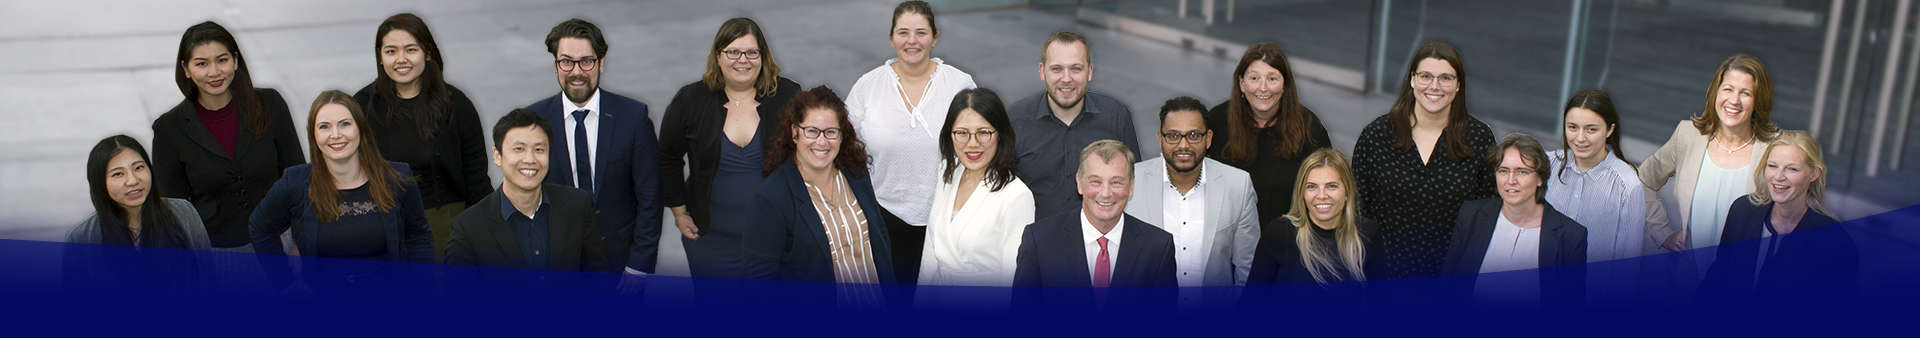 Kanzlei Haas und Kollegen Mitarbeiter